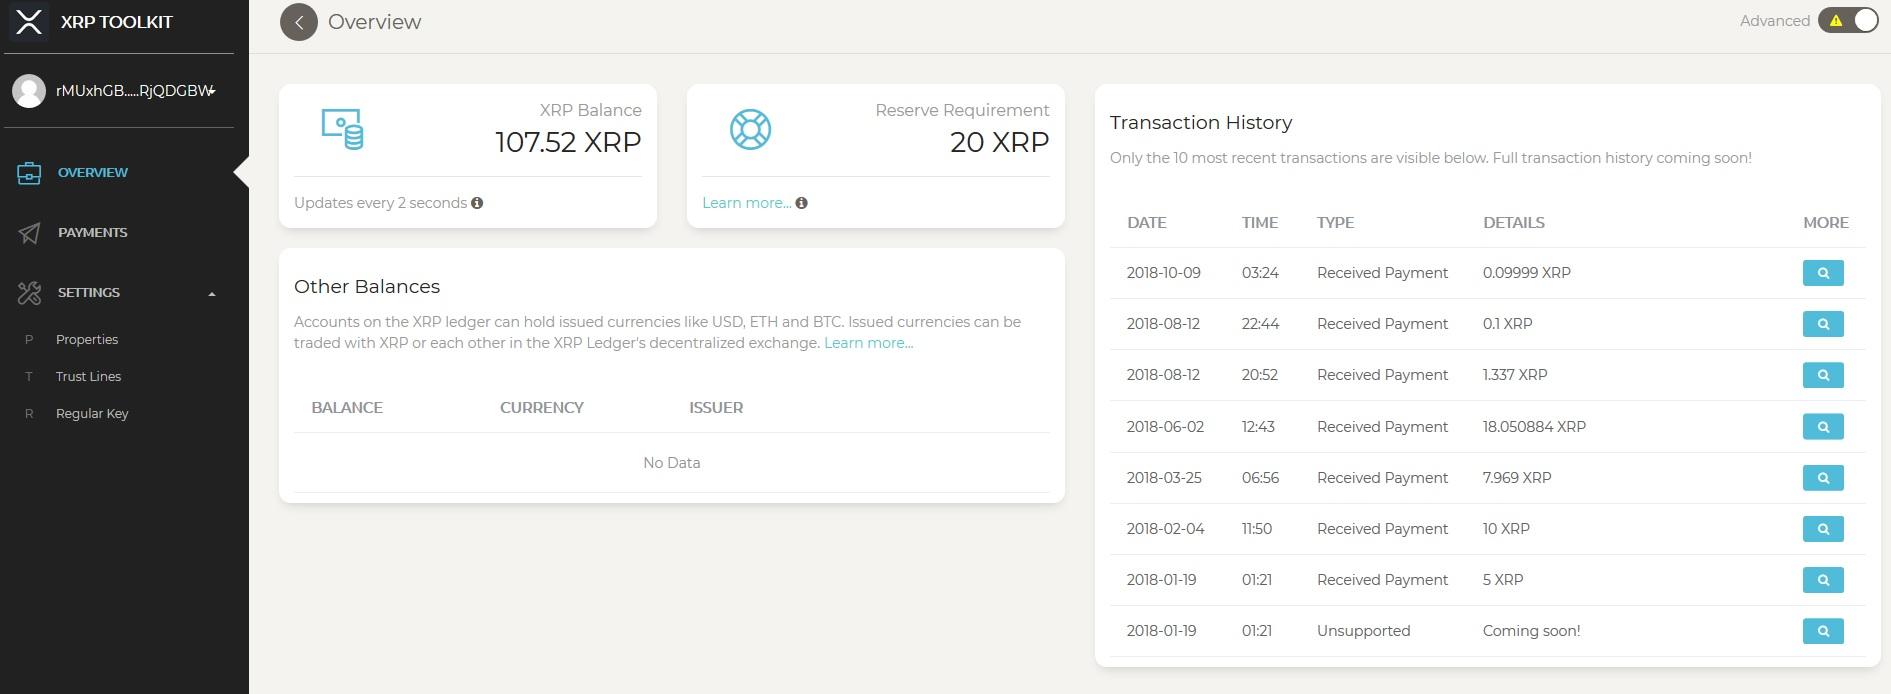 XRP Toolkit Screen Shot